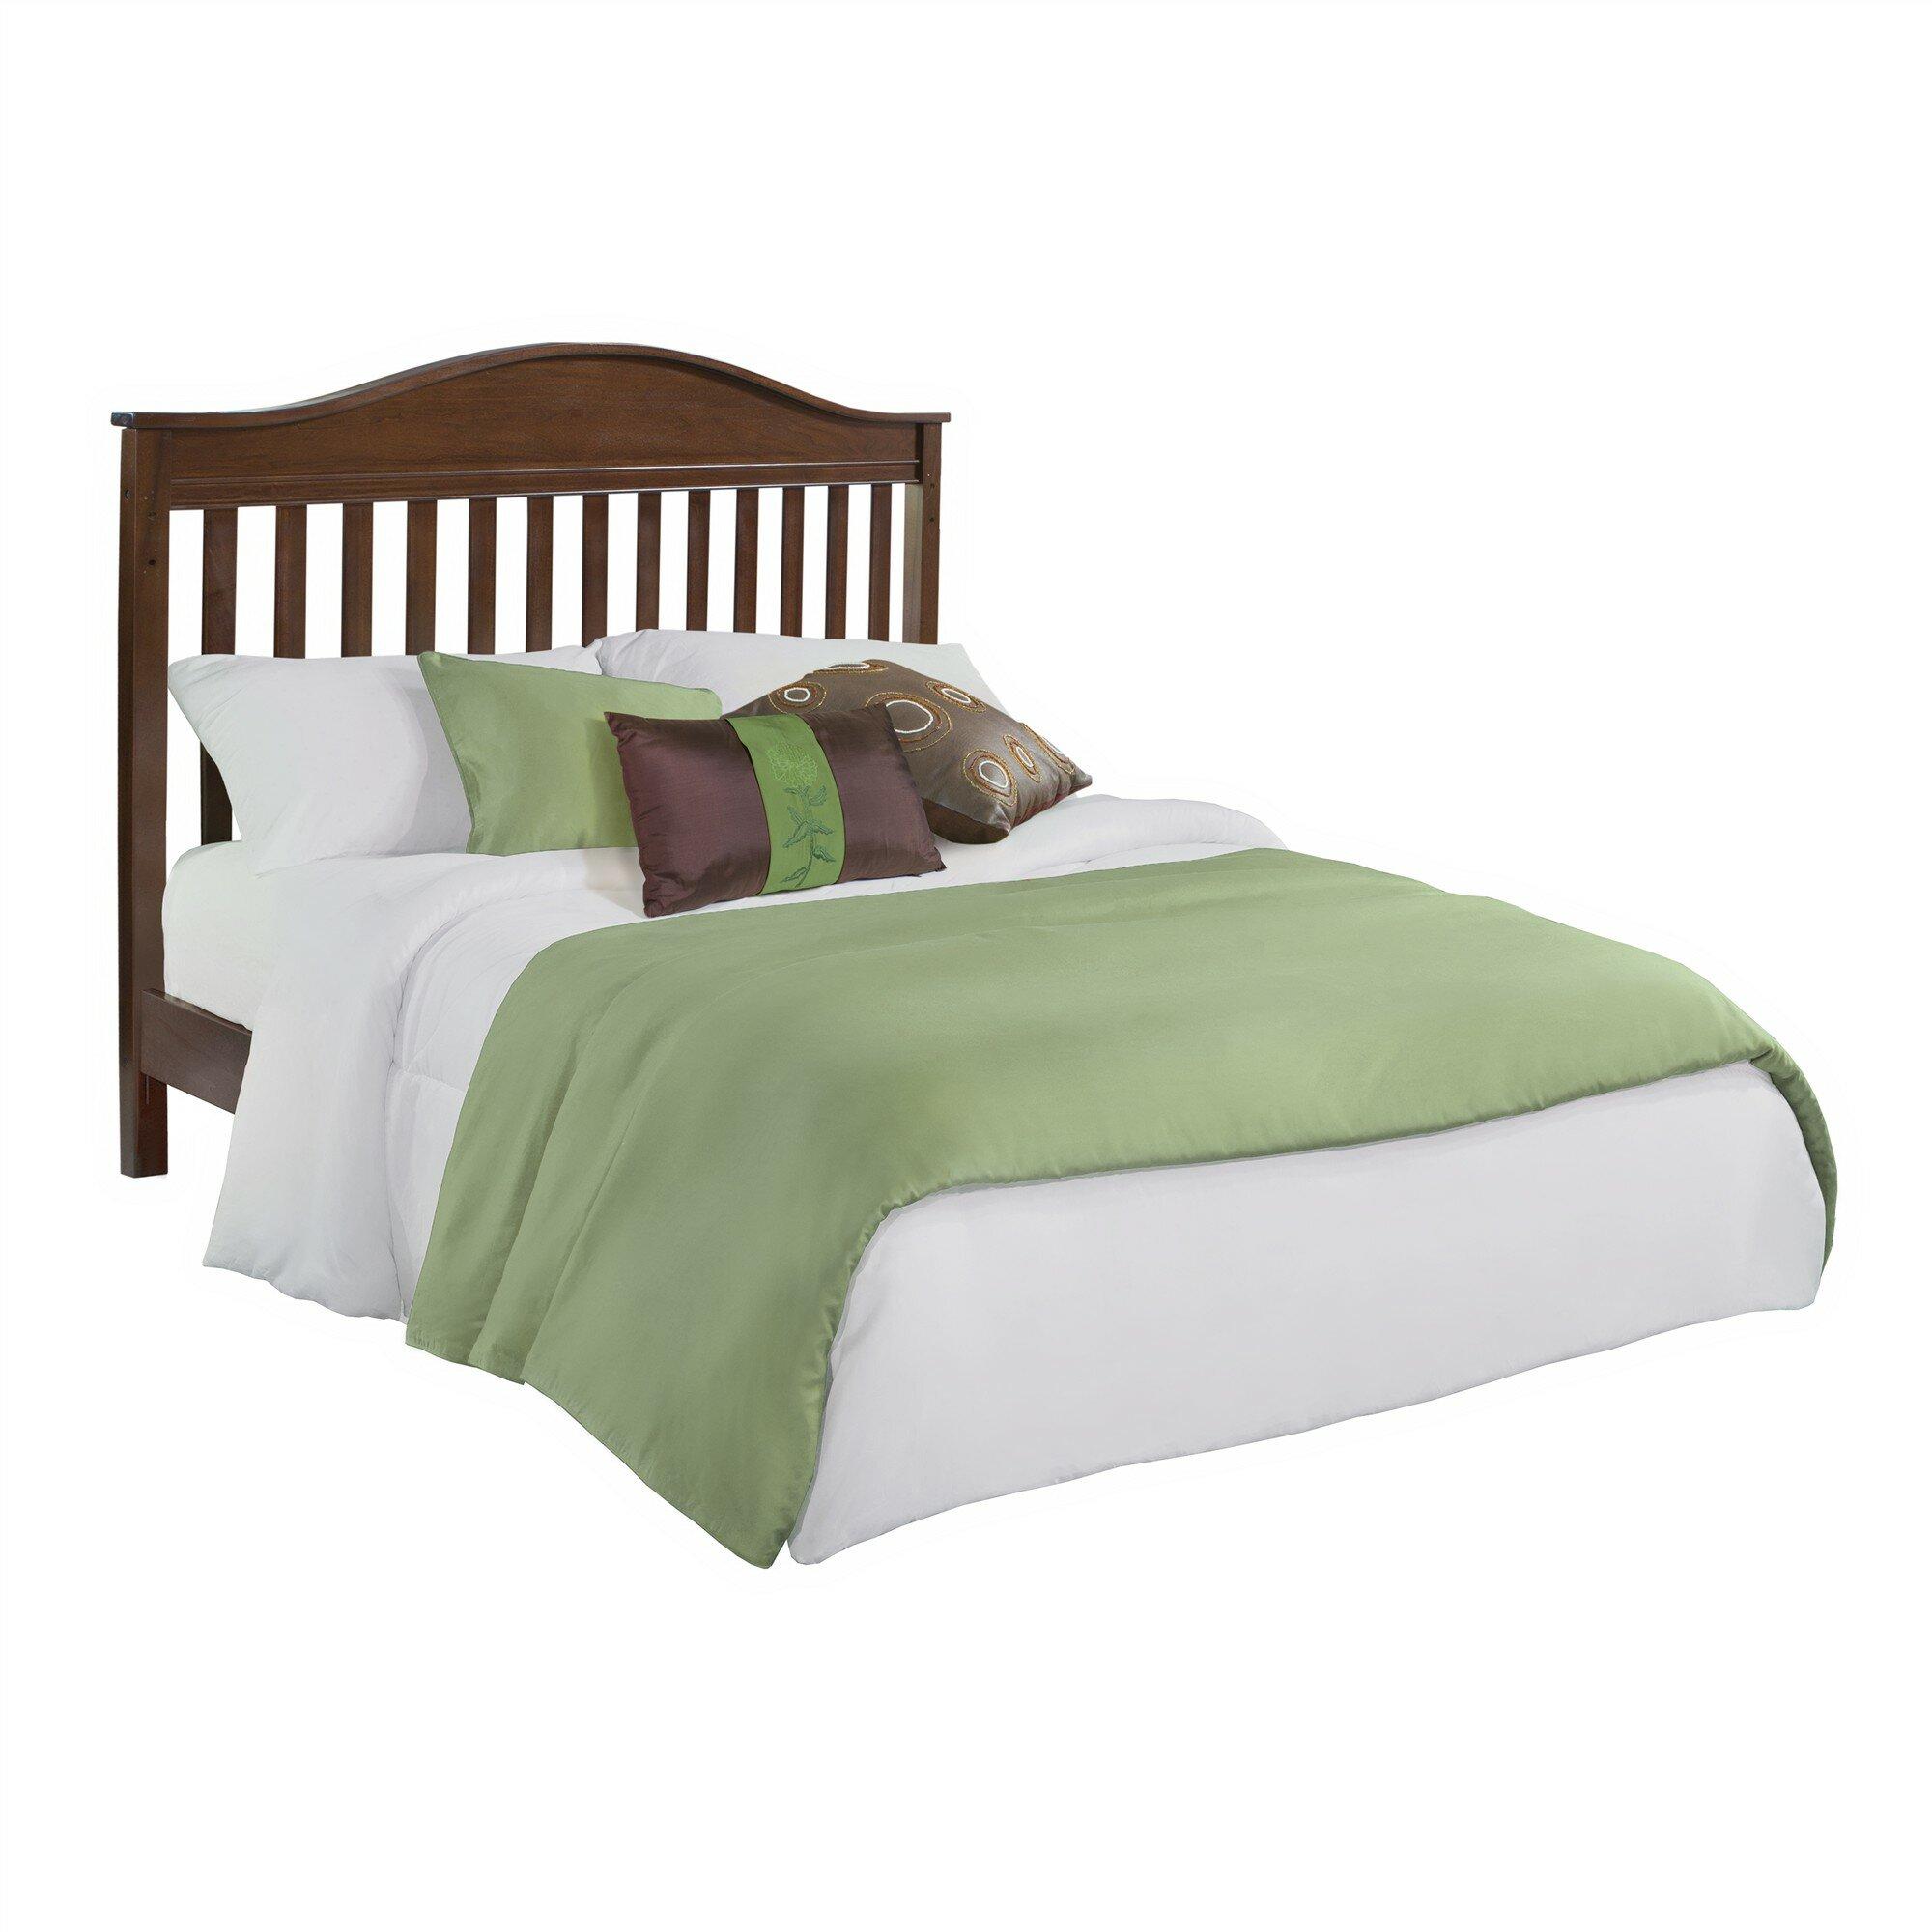 Eddie Bauer Baby Crib Bedding